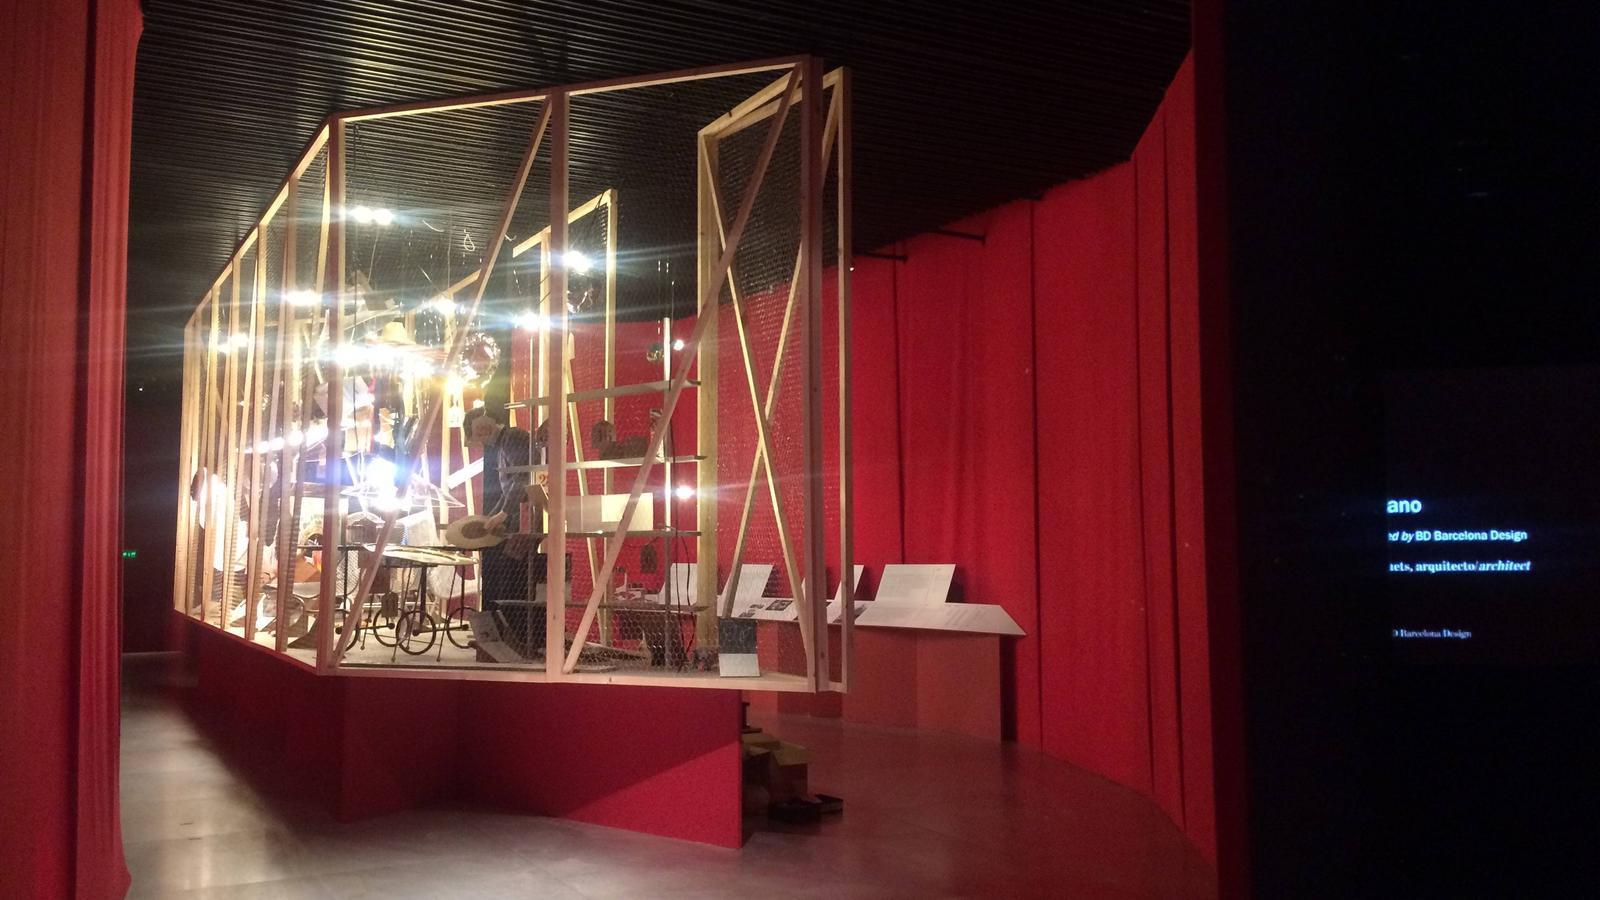 L'element principal de la mostra de Lluís Clotet com a guanyador del Premio Nacional d'arquitectura és una estructura que recorda un galliner i una barca / JAMLET